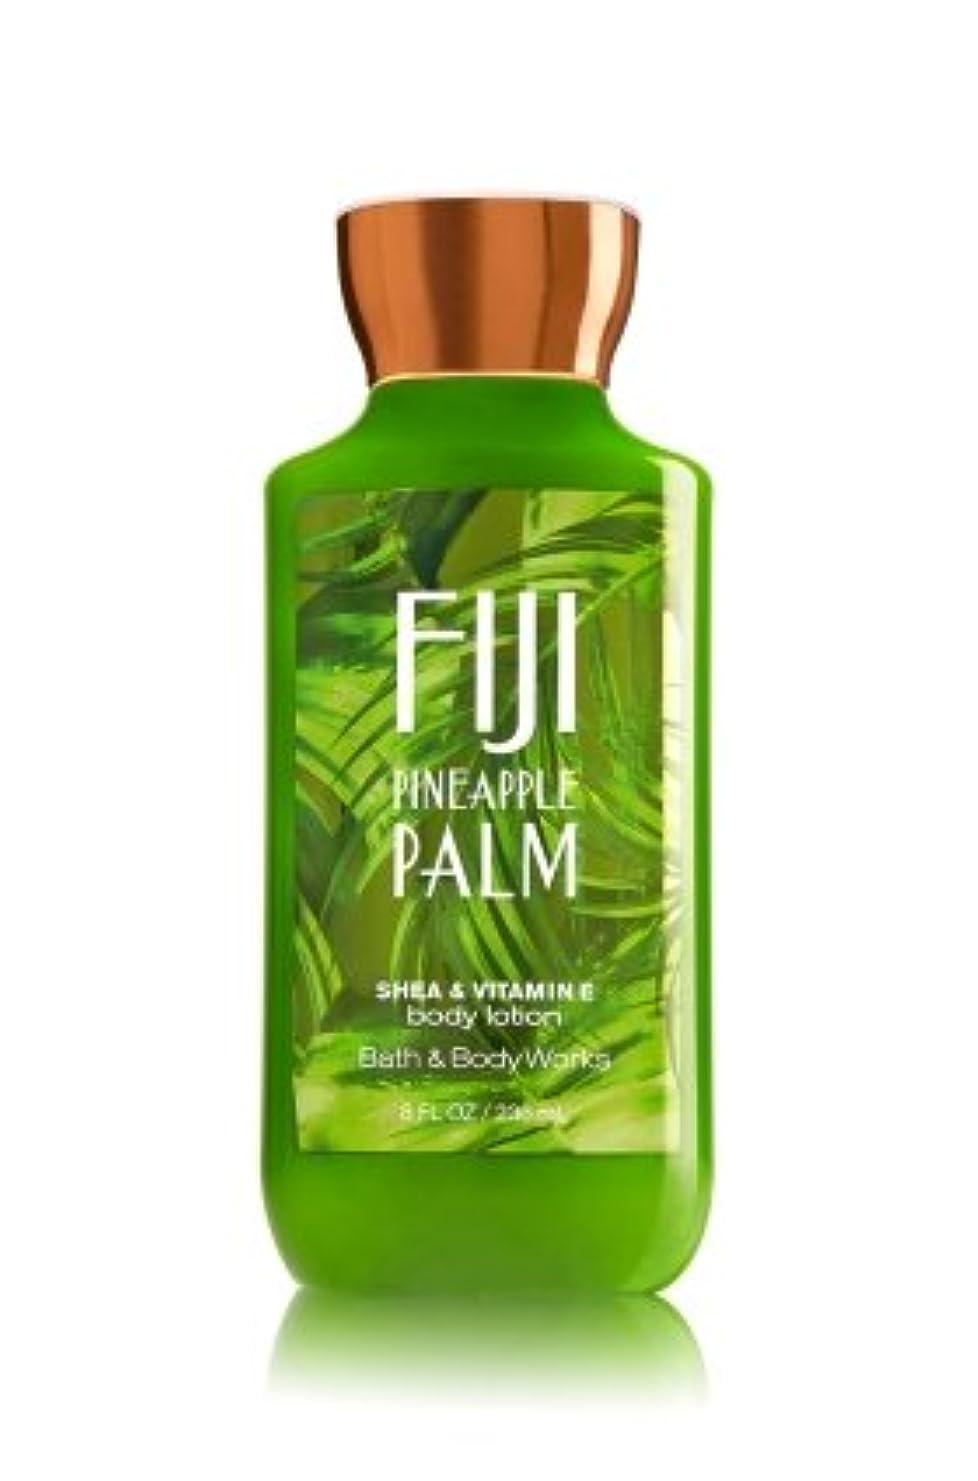 架空の怠感プレフィックス【Bath&Body Works/バス&ボディワークス】 ボディローション フィジーパイナップルパーム Body Lotion Fiji Pineapple Palm 8 fl oz / 236 mL [並行輸入品]